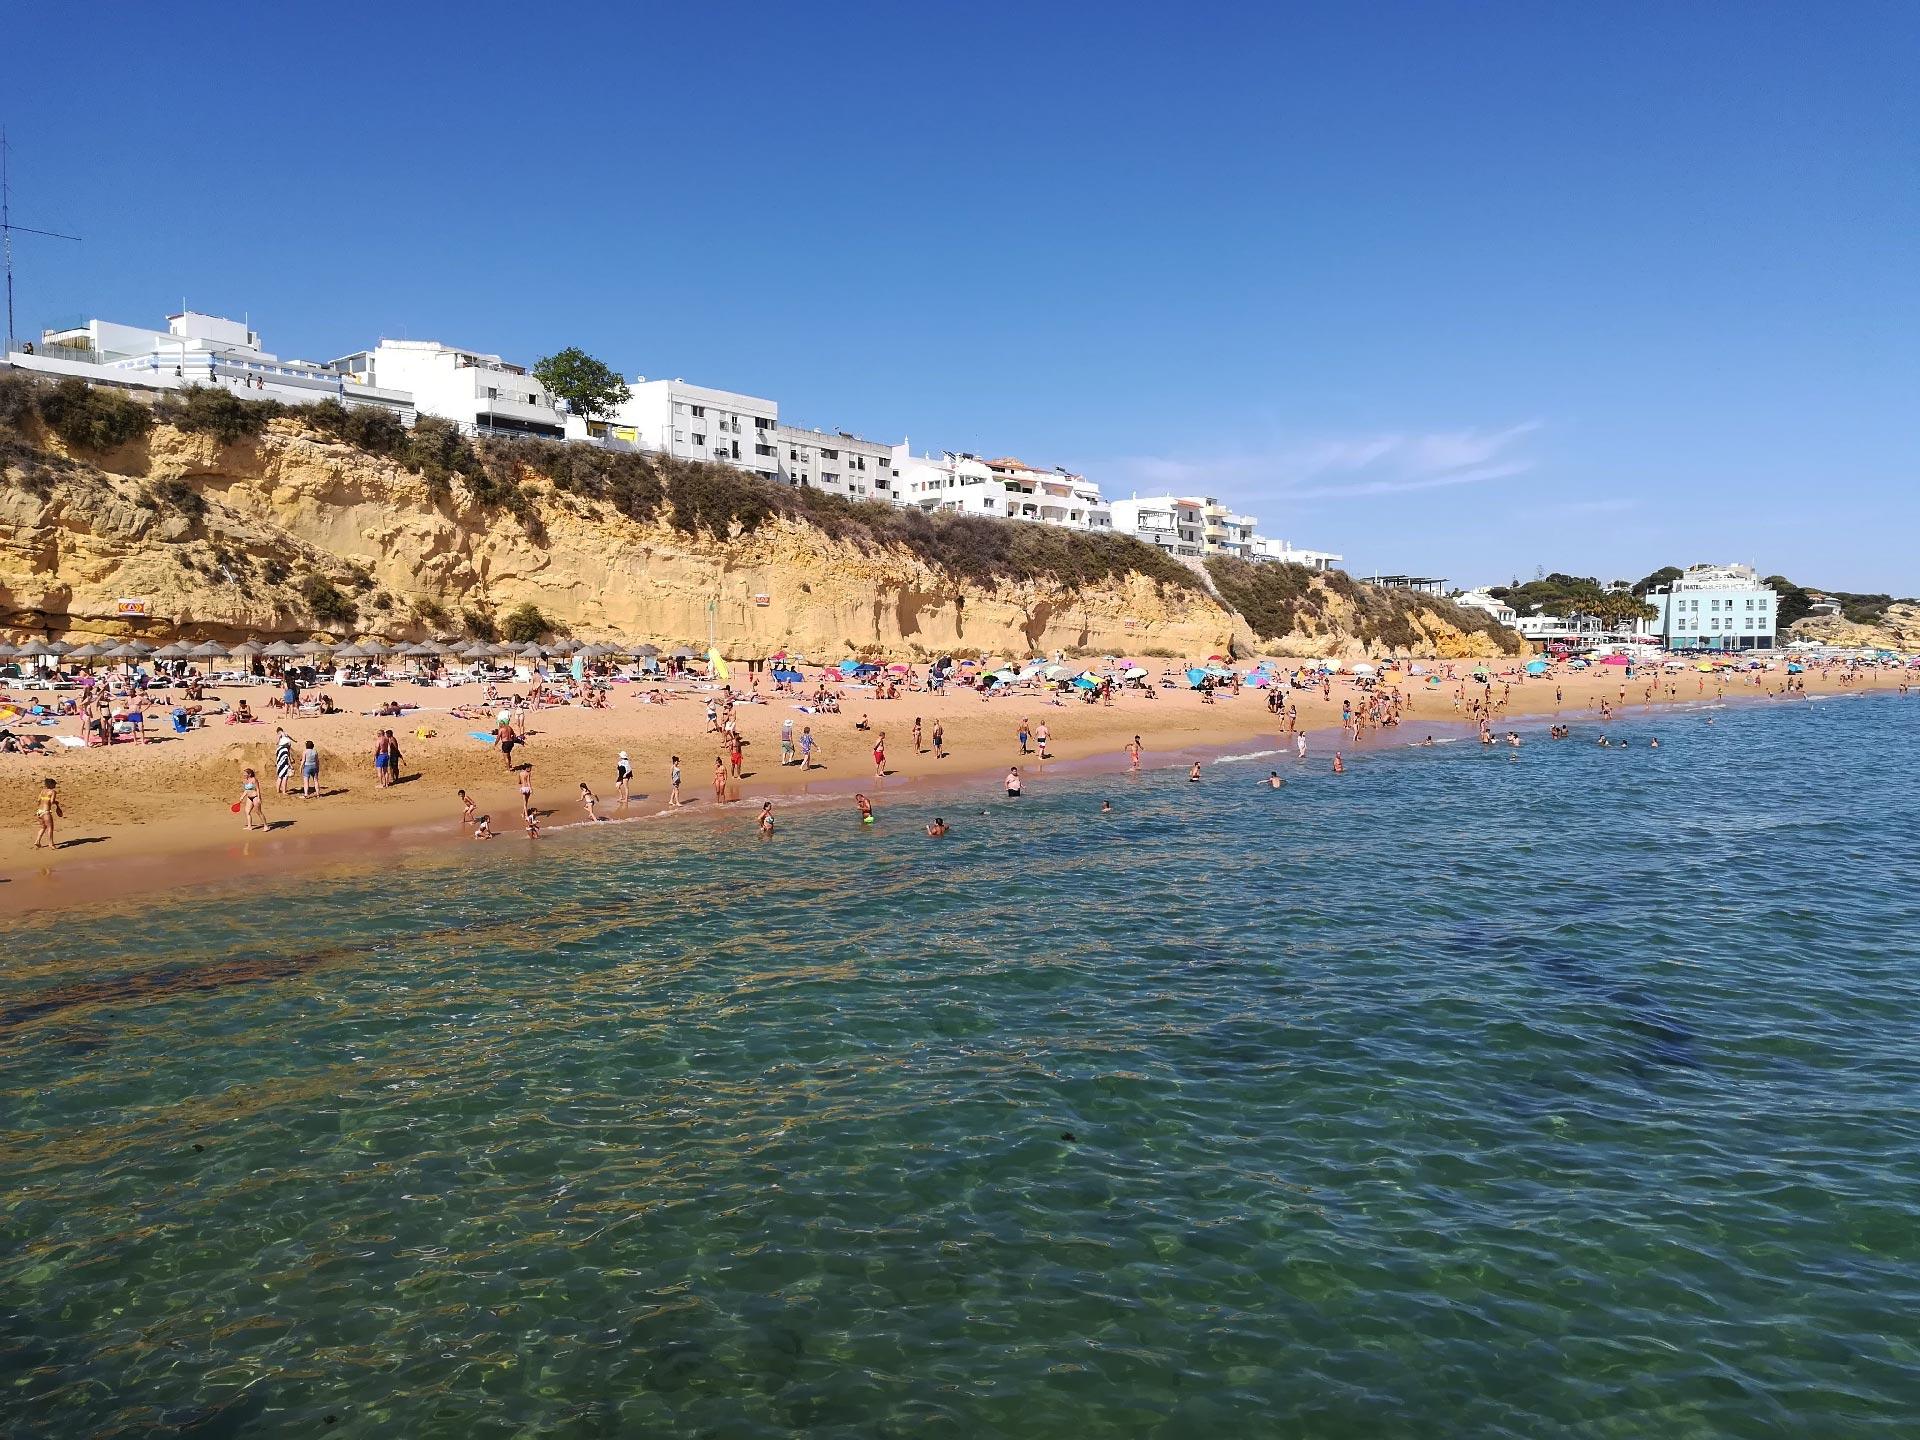 scorcio di Praia dos Pescadores (spiaggia), Albufeira, Portogallo